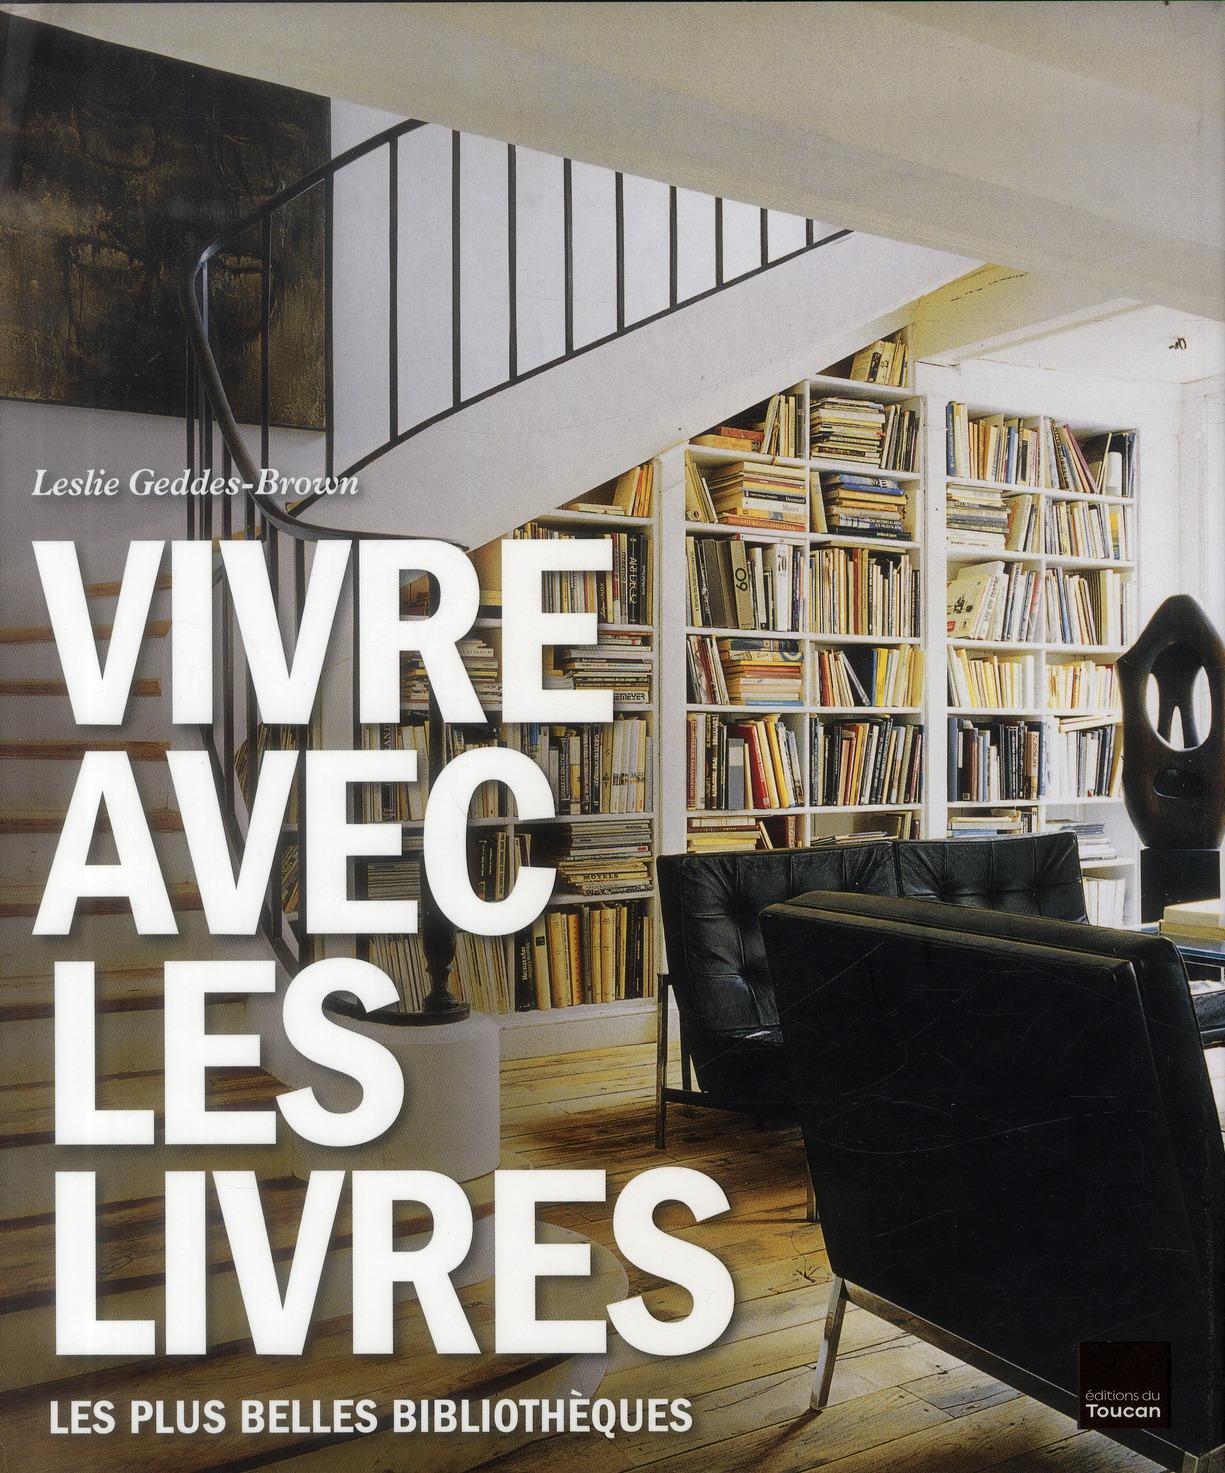 Vivre avec les livres ; les plus belles bibliothèques